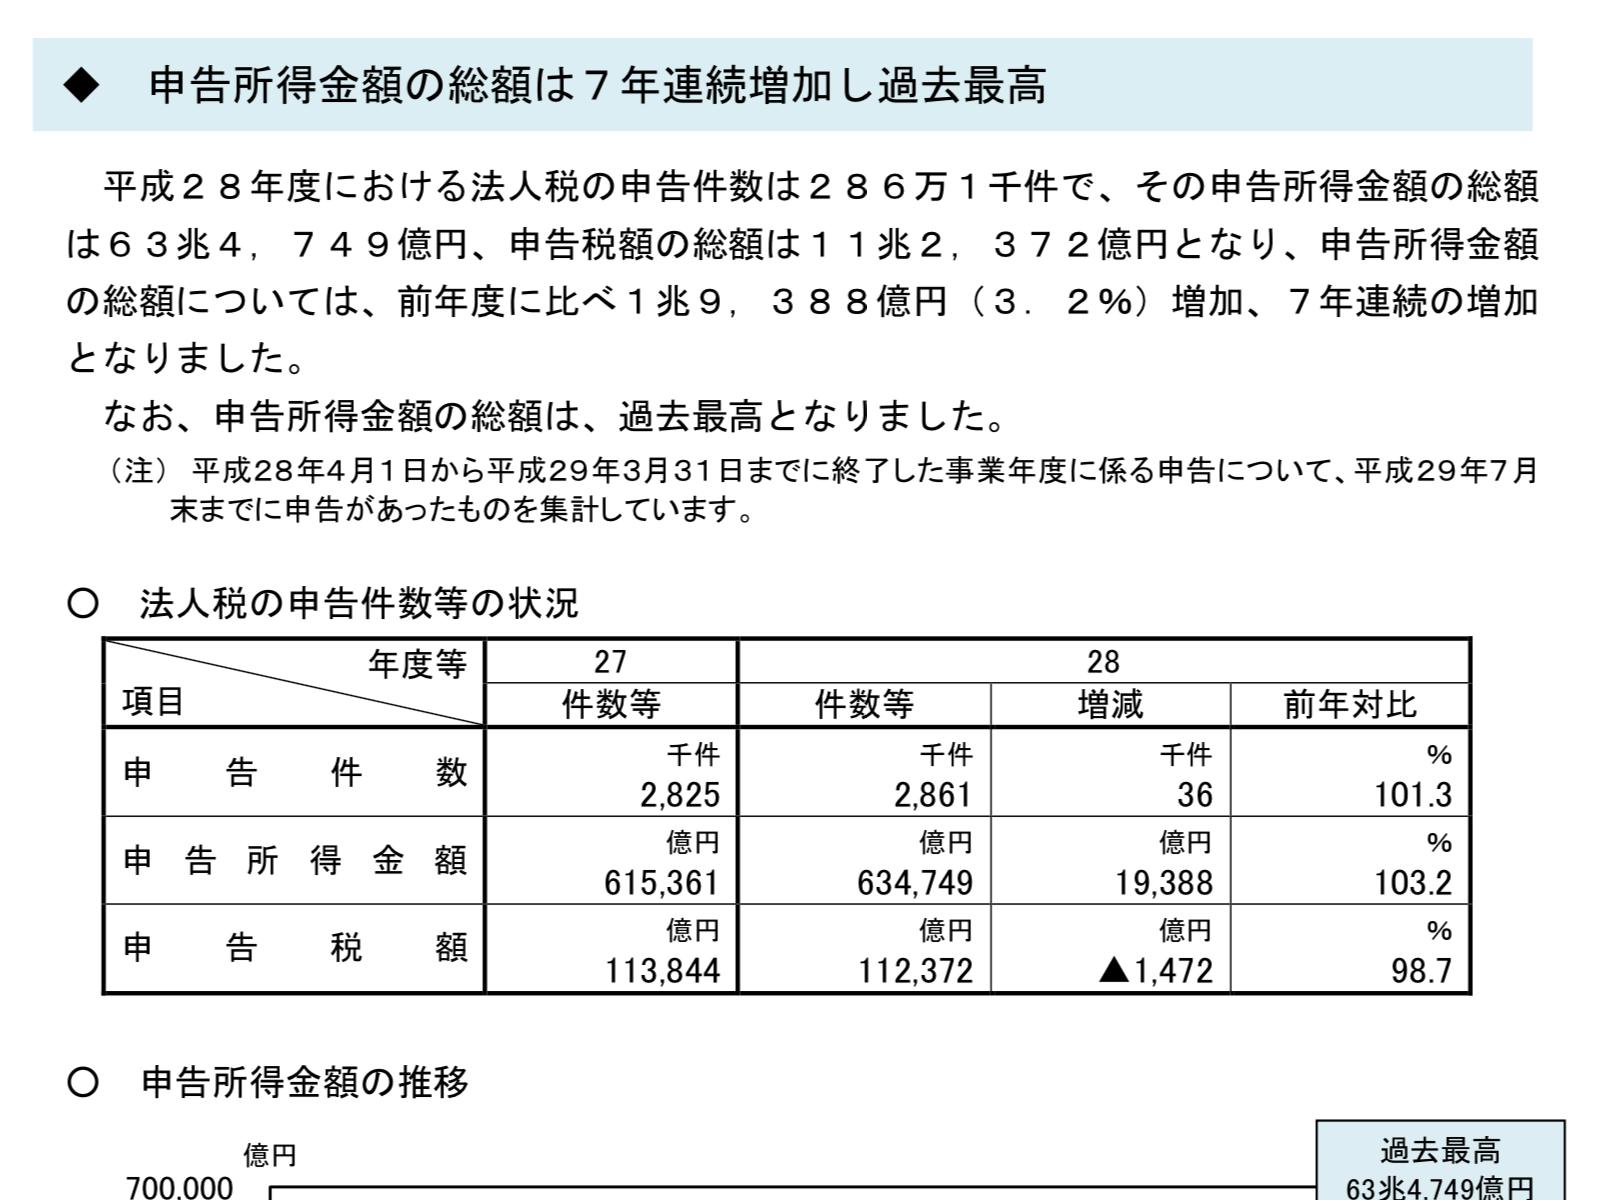 2016(平成28)年度法人税の申告事績:だったら黒字出さなきゃ?